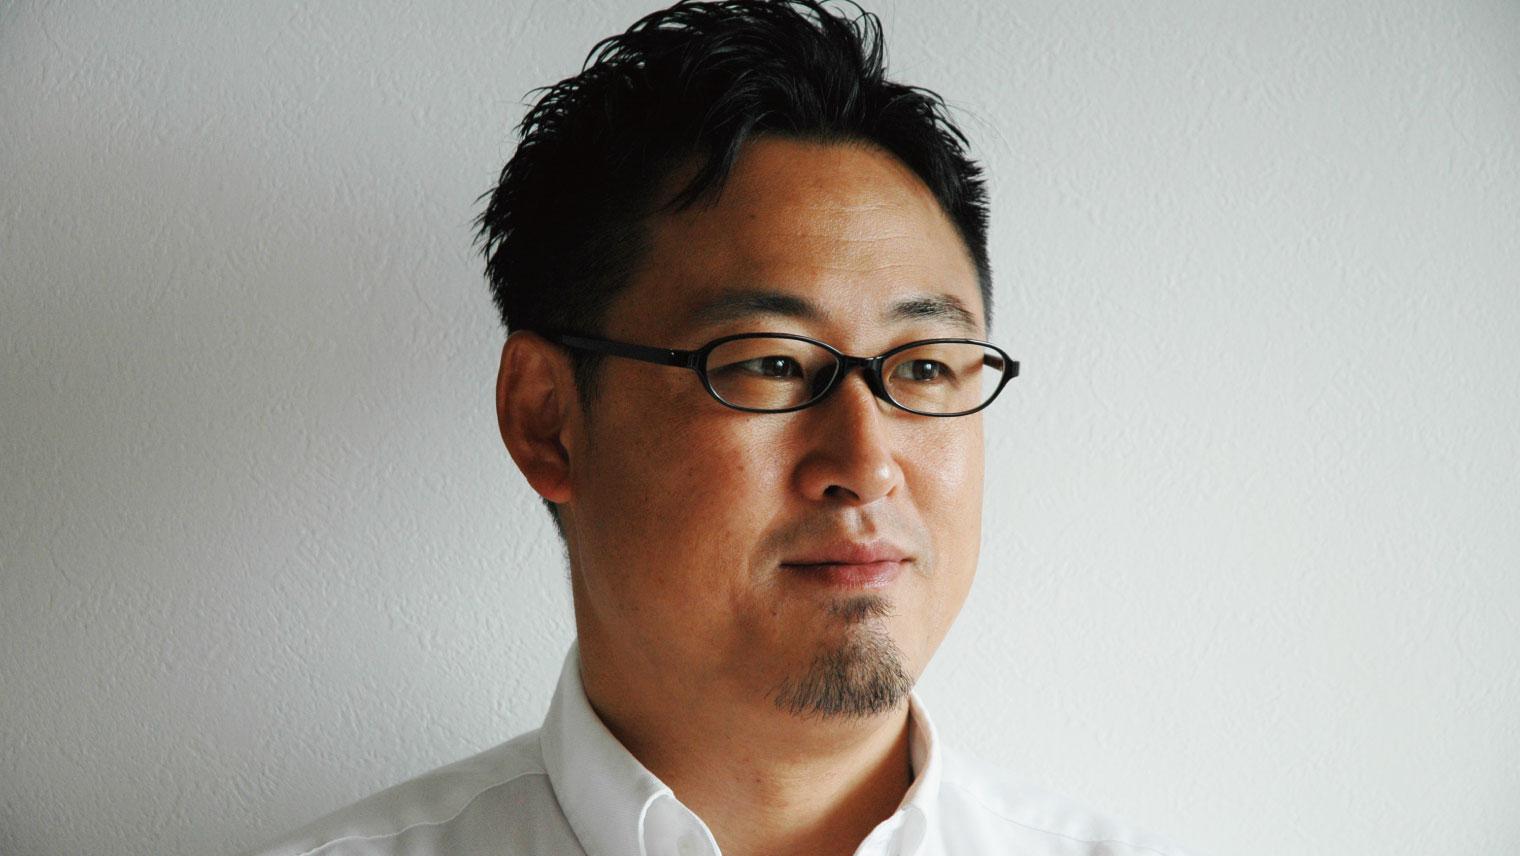 東京藝術大学 美術学部 デザイン科 准教授 山﨑宣由さん